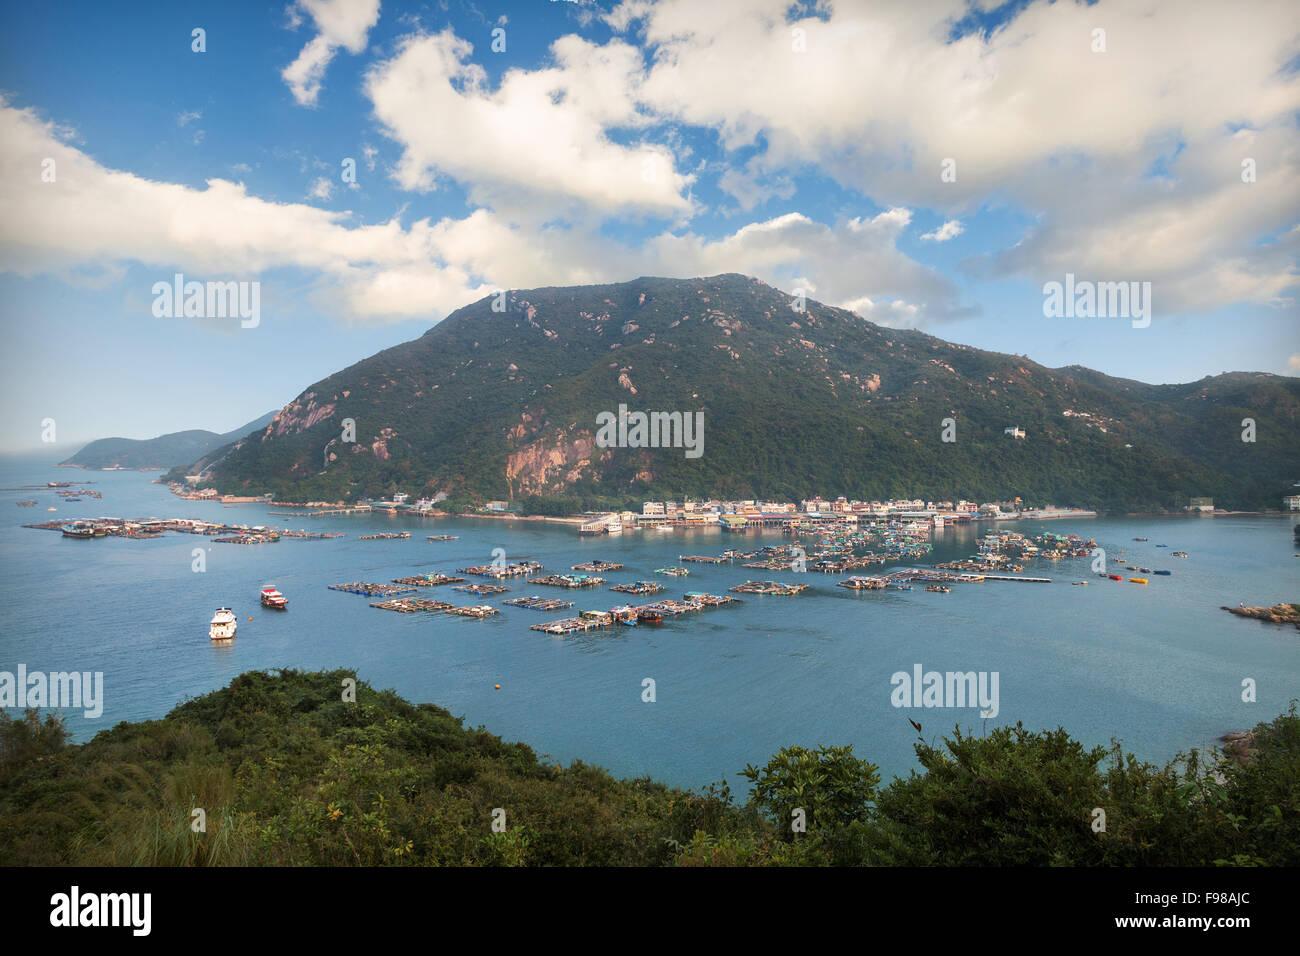 Lamma island in hongkong - Stock Image